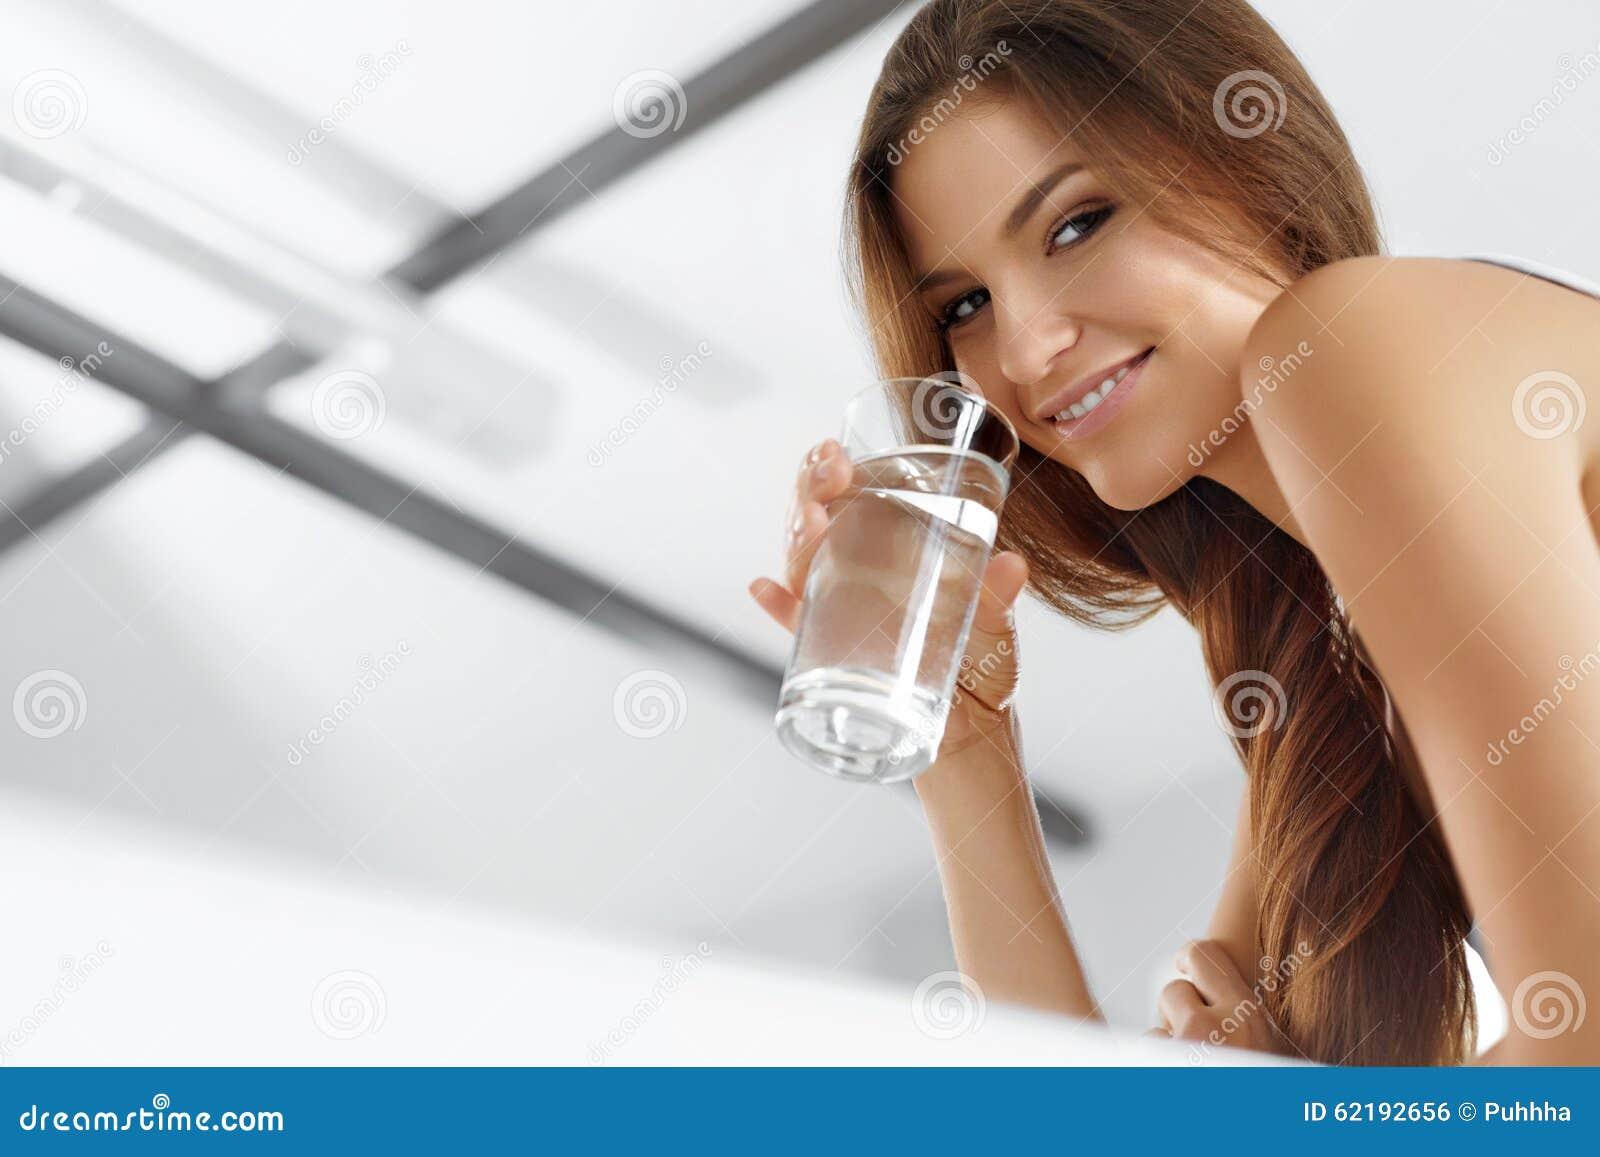 Hälsa skönhet, bantar begrepp dricka lycklig vattenkvinna drinkar